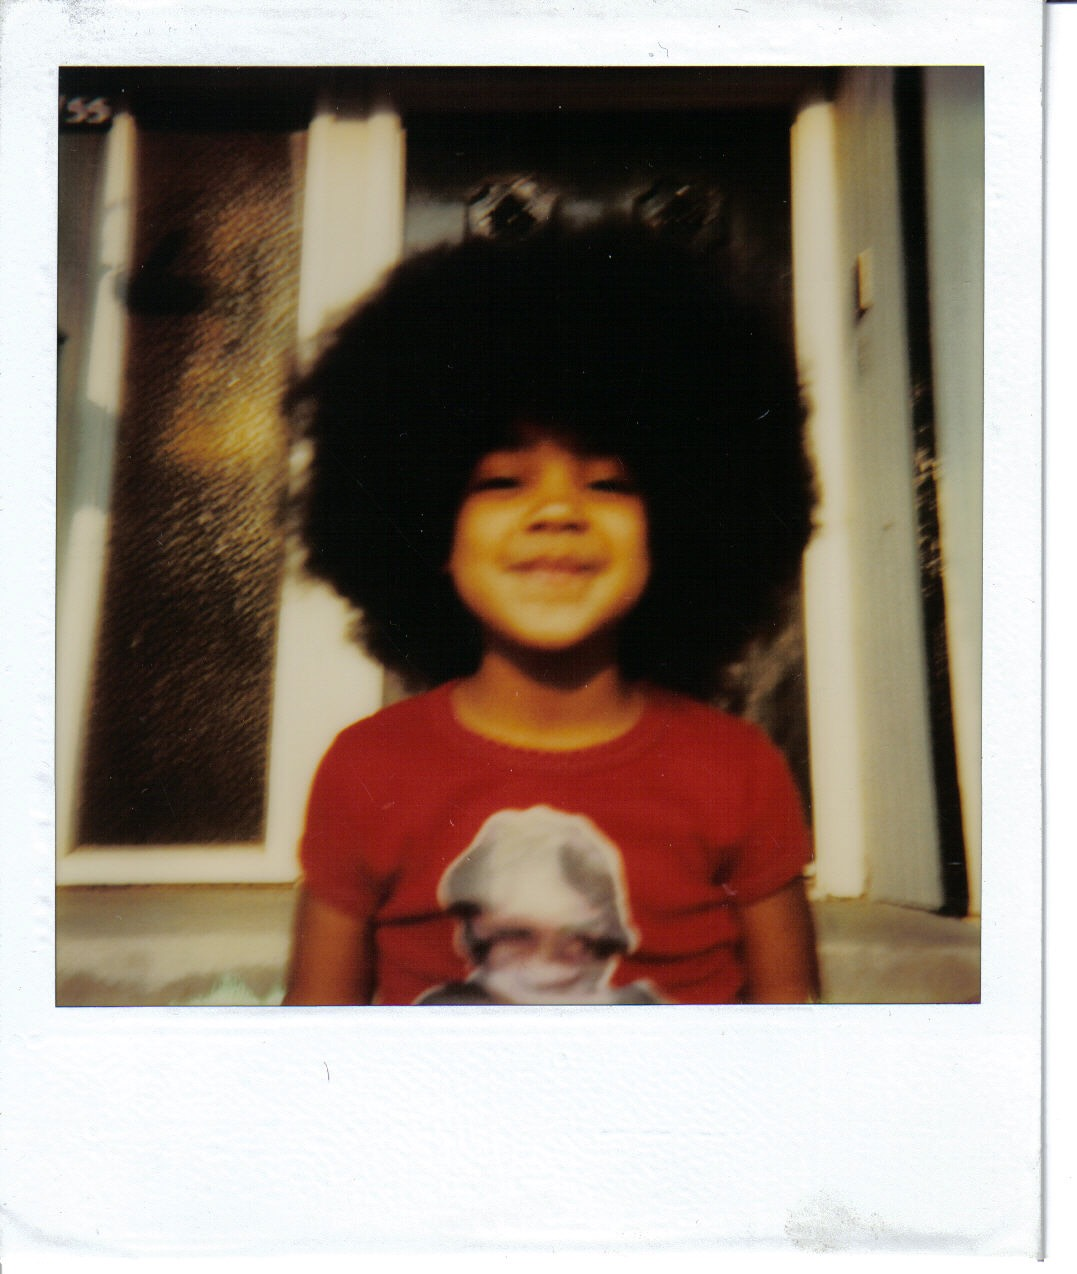 Me and My natural hair. Circa 1979.